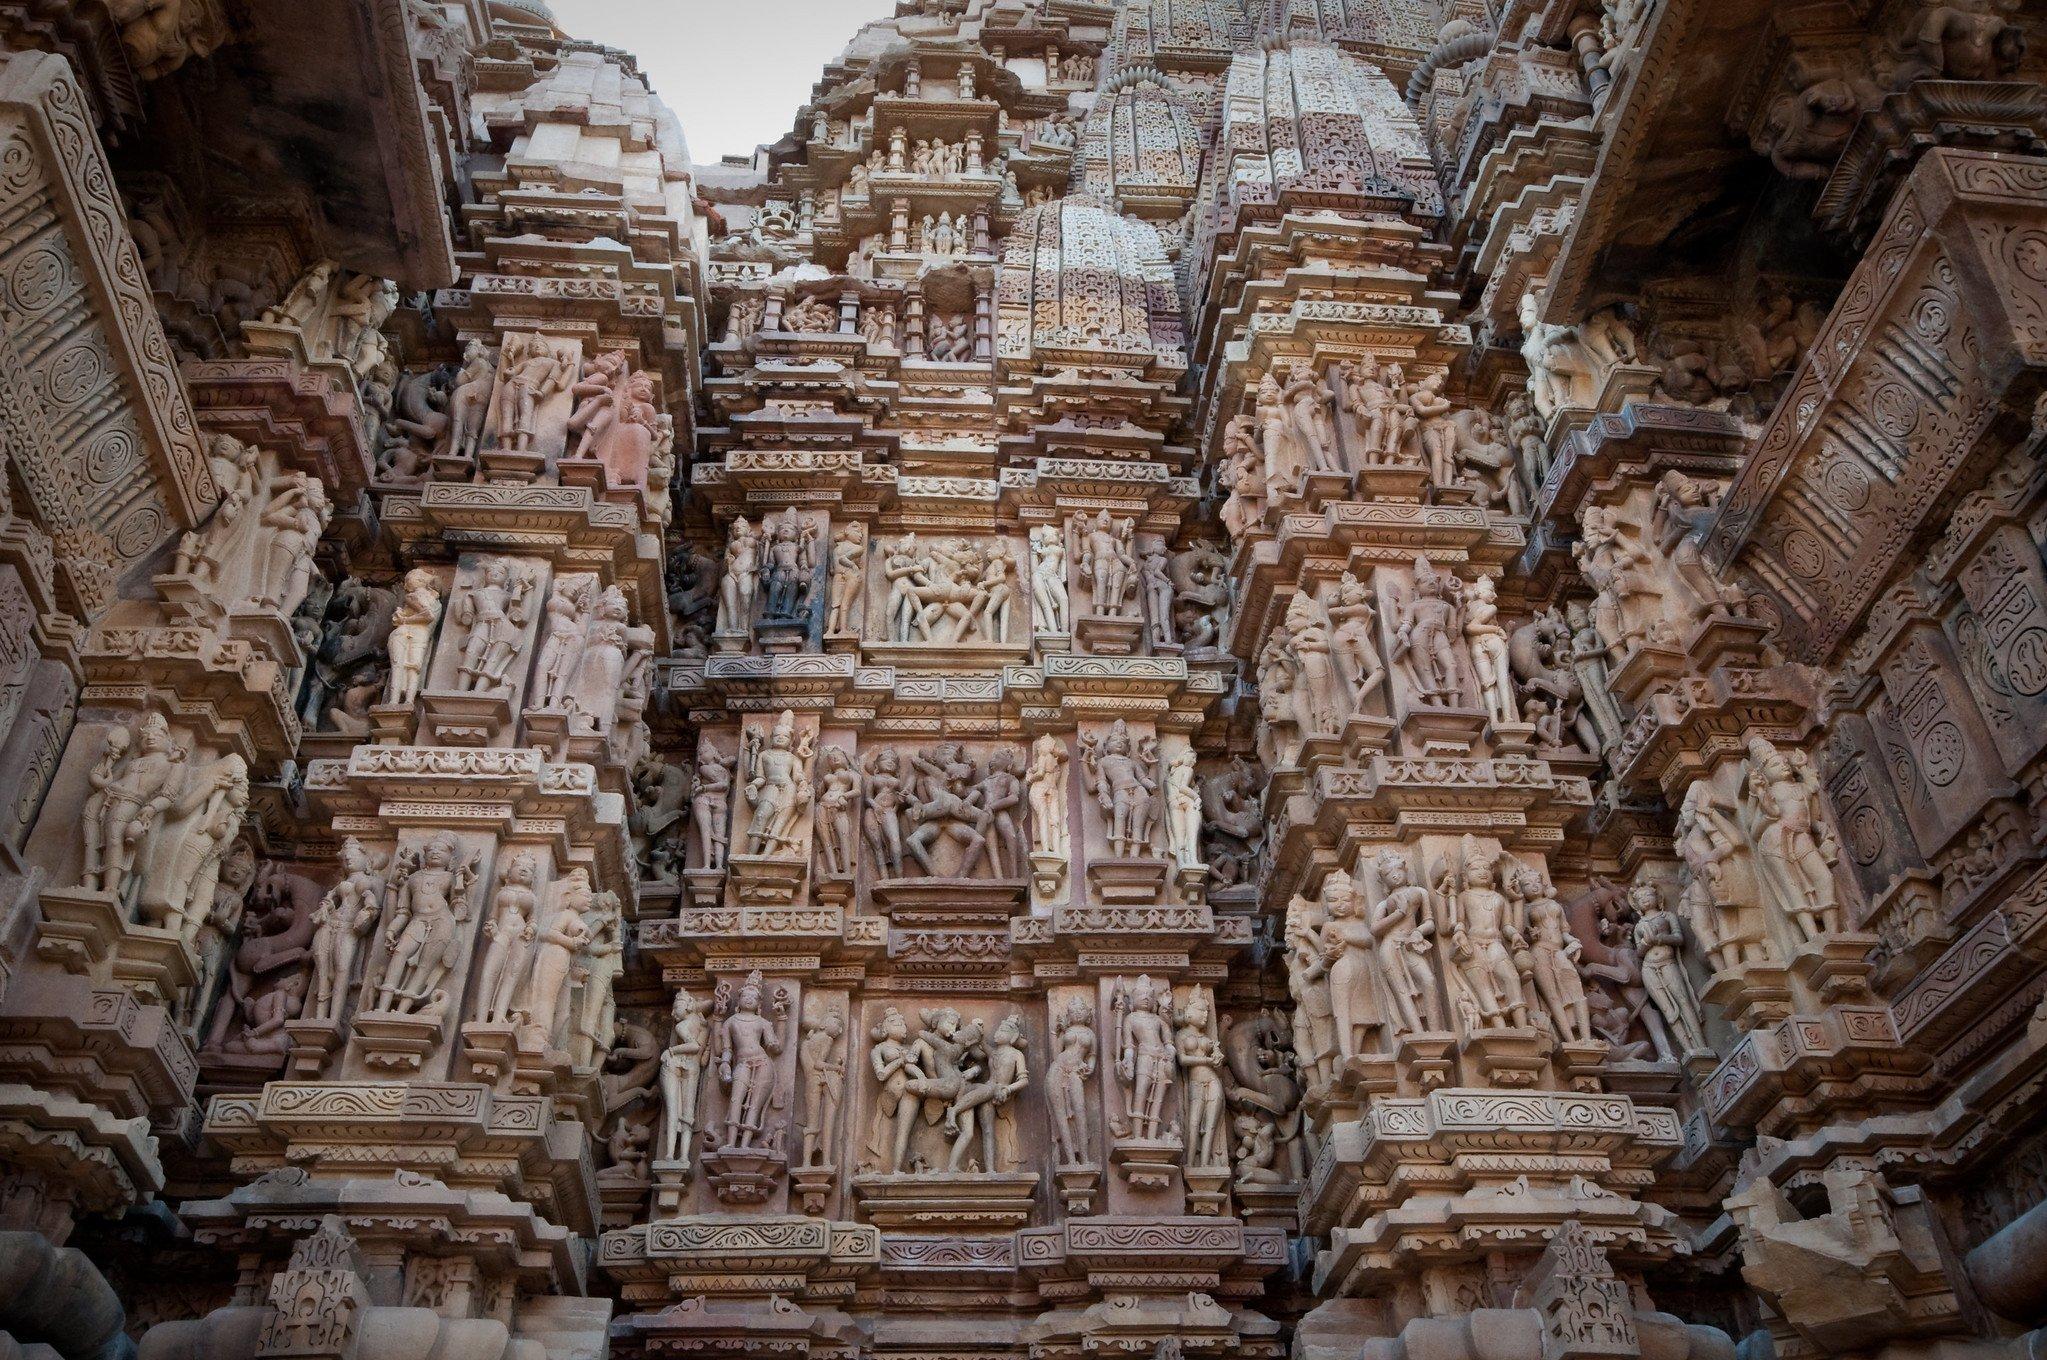 Putovanje Indija - Srce Indije (1)